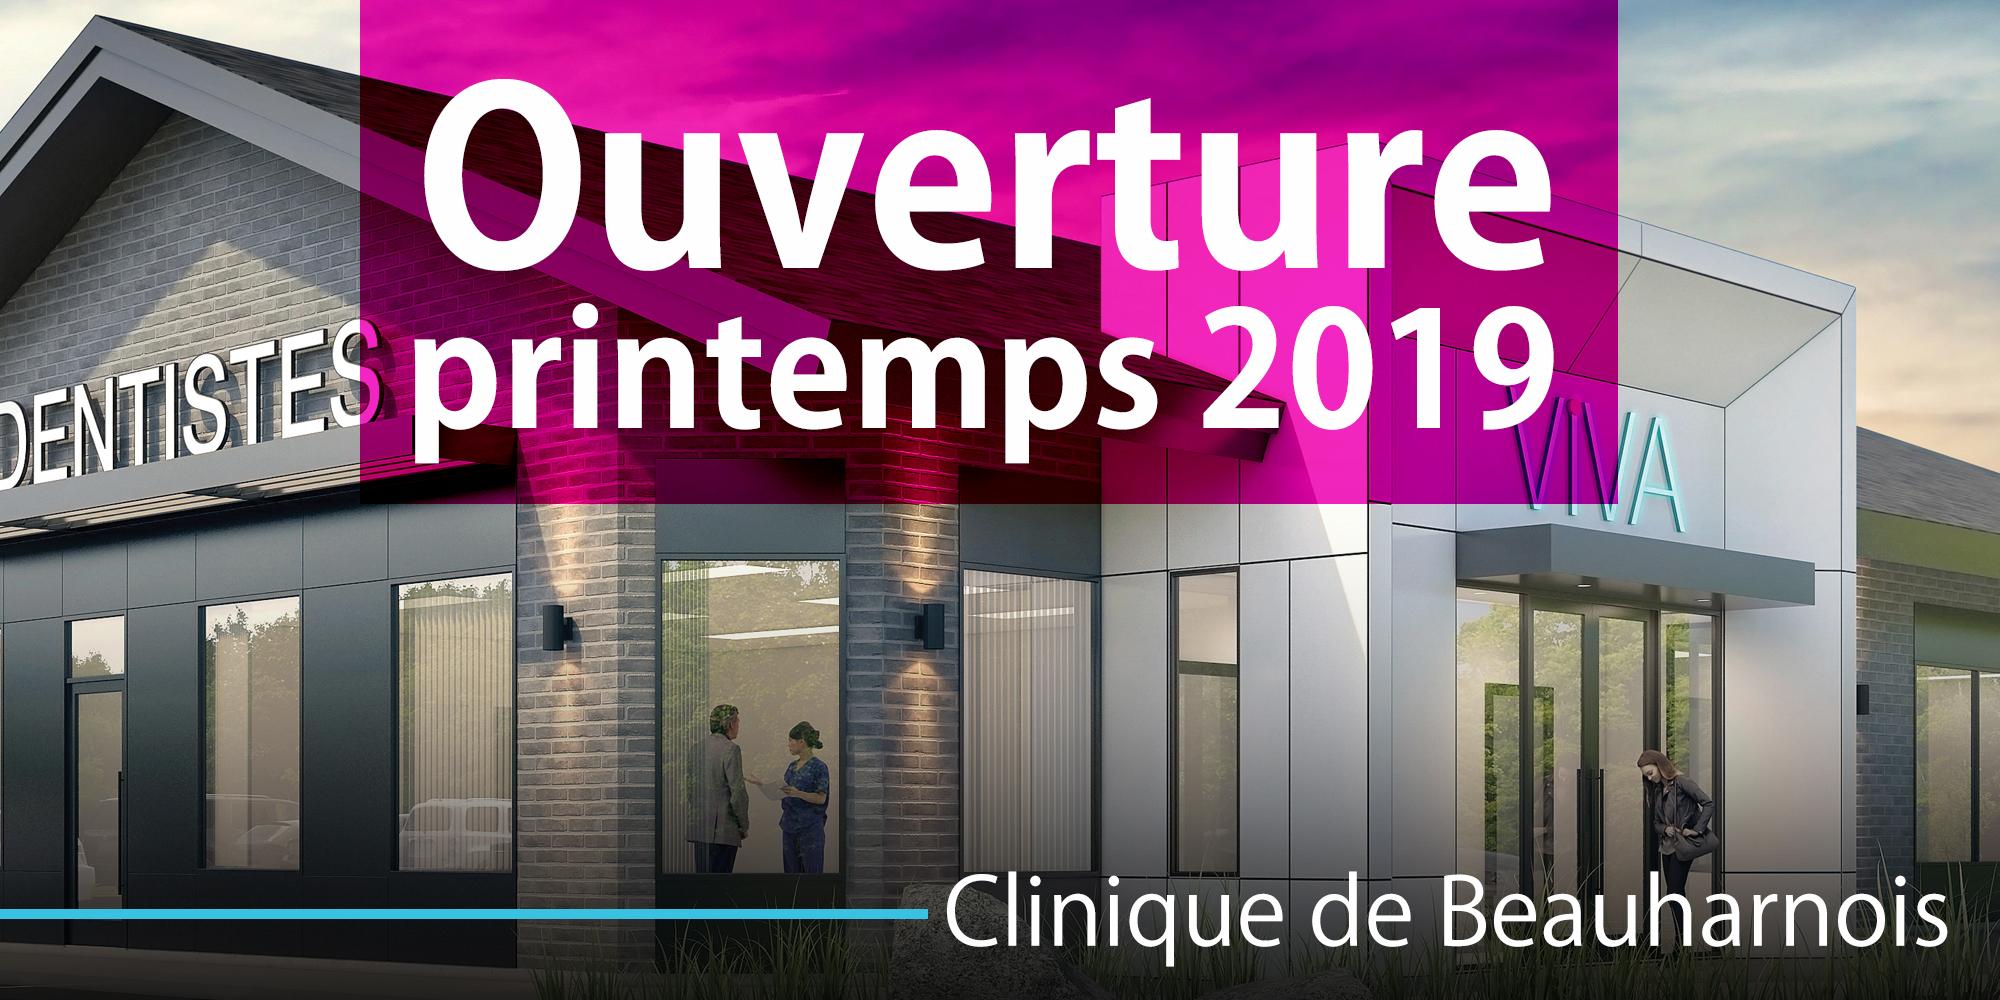 Dentiste VIVA beauharnois printemps 2019